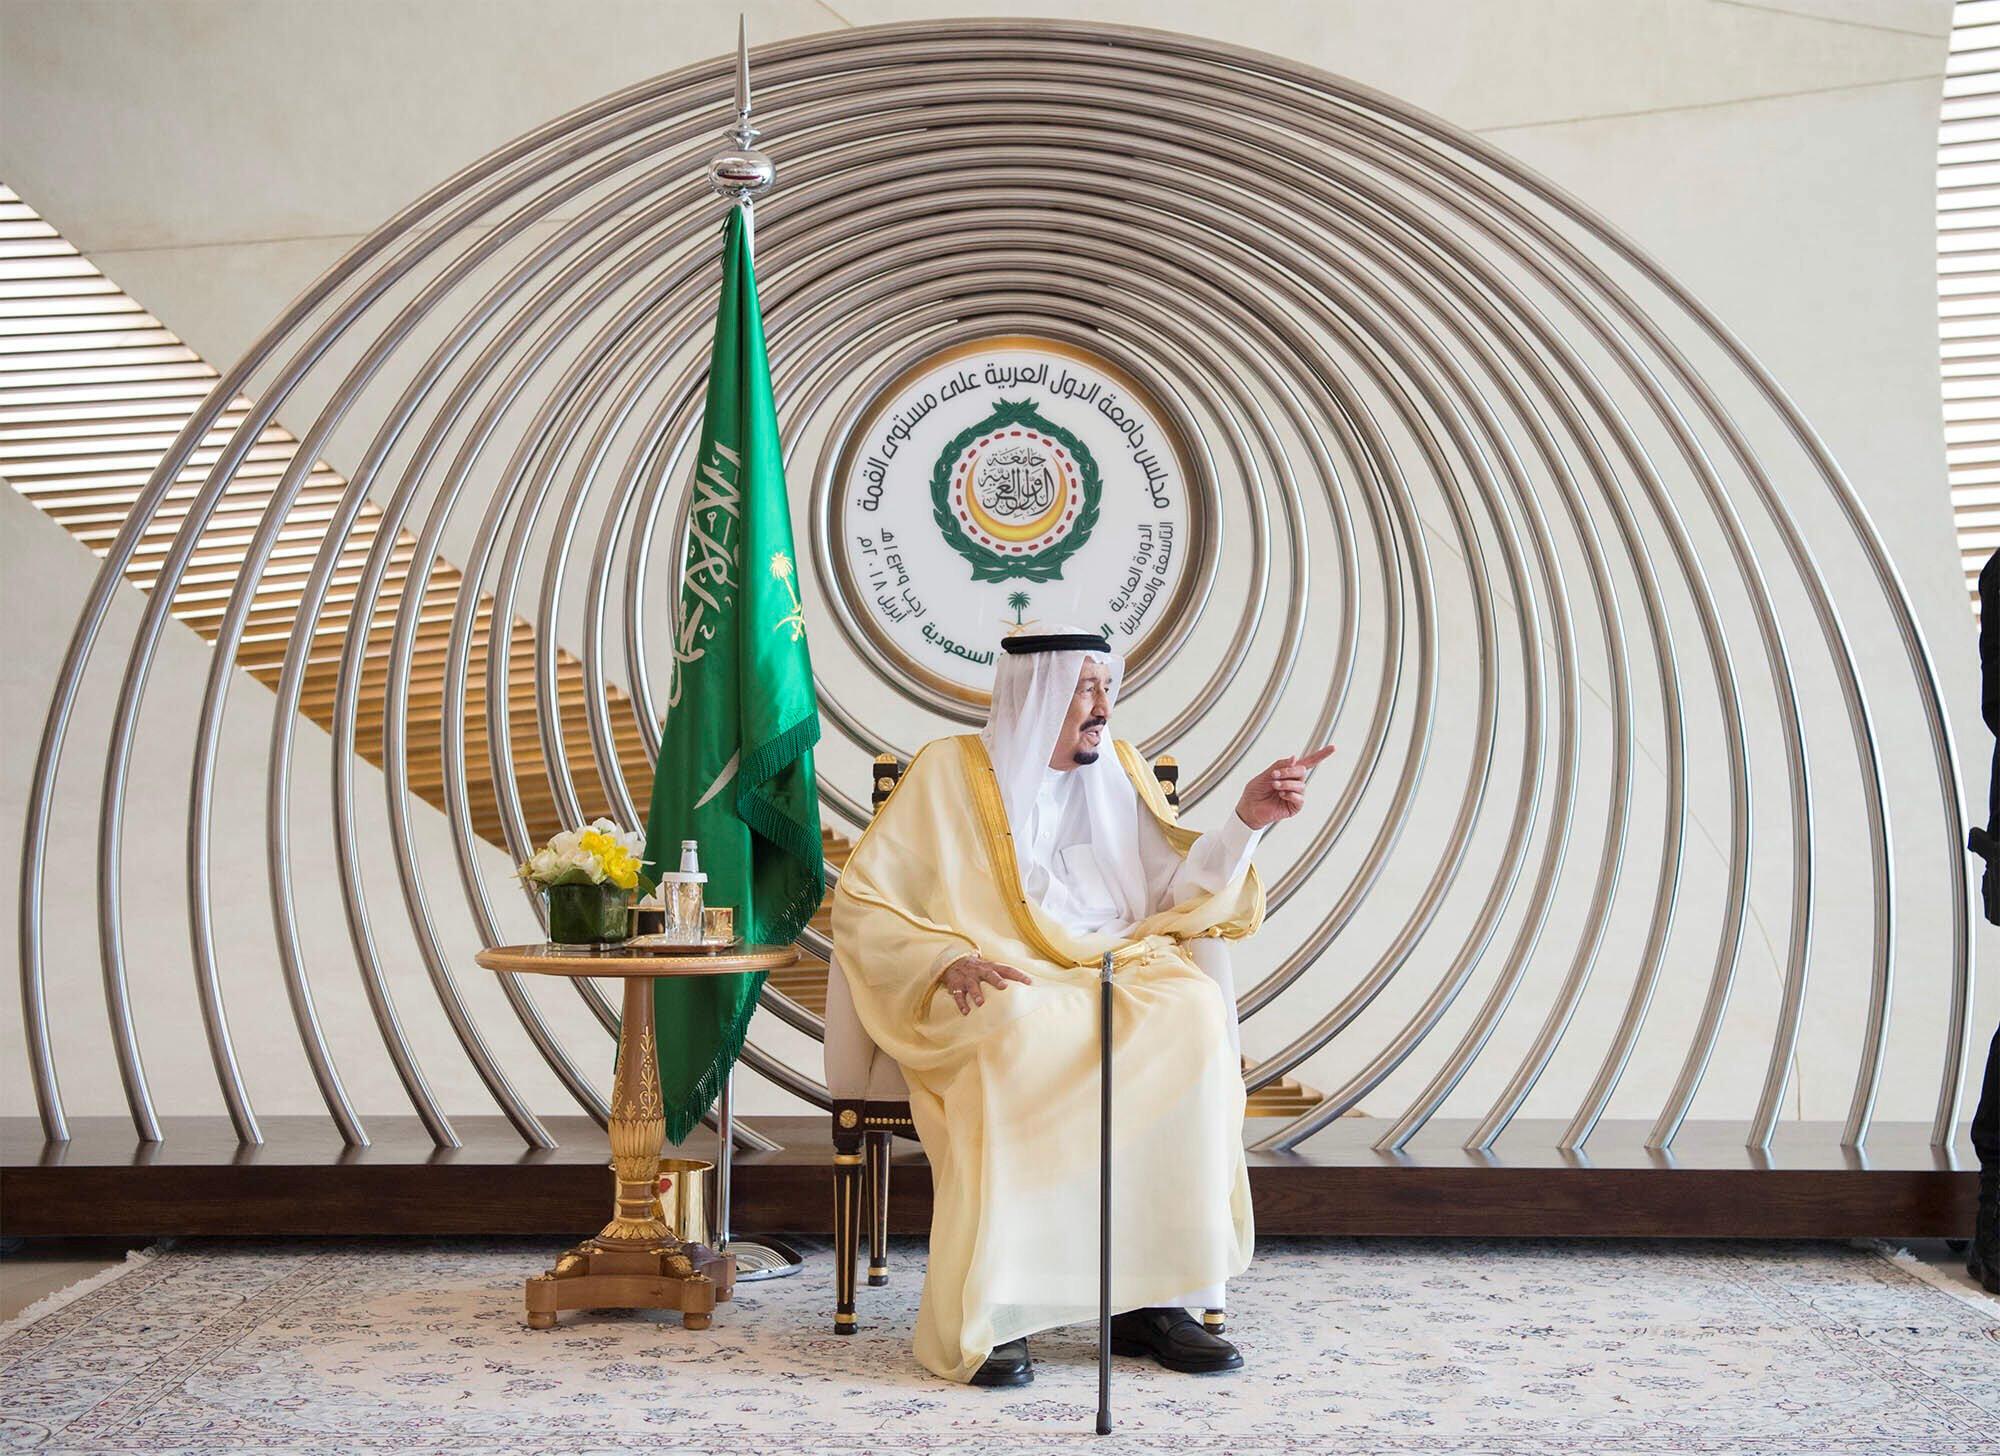 ملک سلمان پادشاه عربستان سعودی در اجلاس سالانۀ کشورهای عضو اتحادیۀ عرب